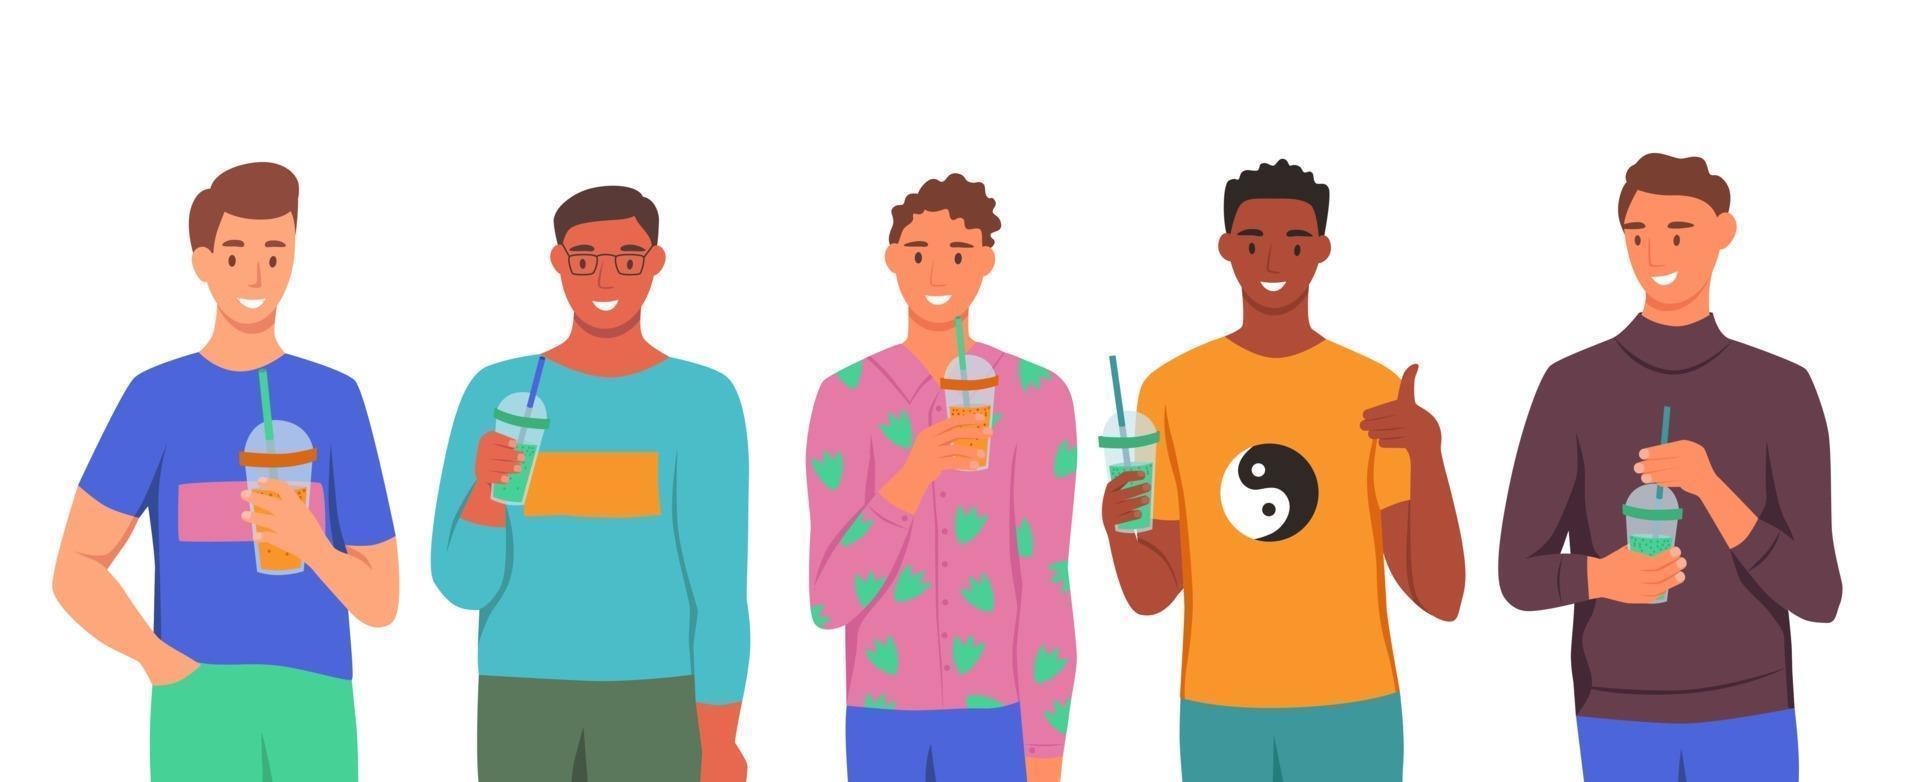 un insieme di caratteri. i giovani bevono frullati, succo di frutta fresco, un cocktail. il concetto di una corretta alimentazione, uno stile di vita sano. illustrazione di cartone animato piatto. vettore